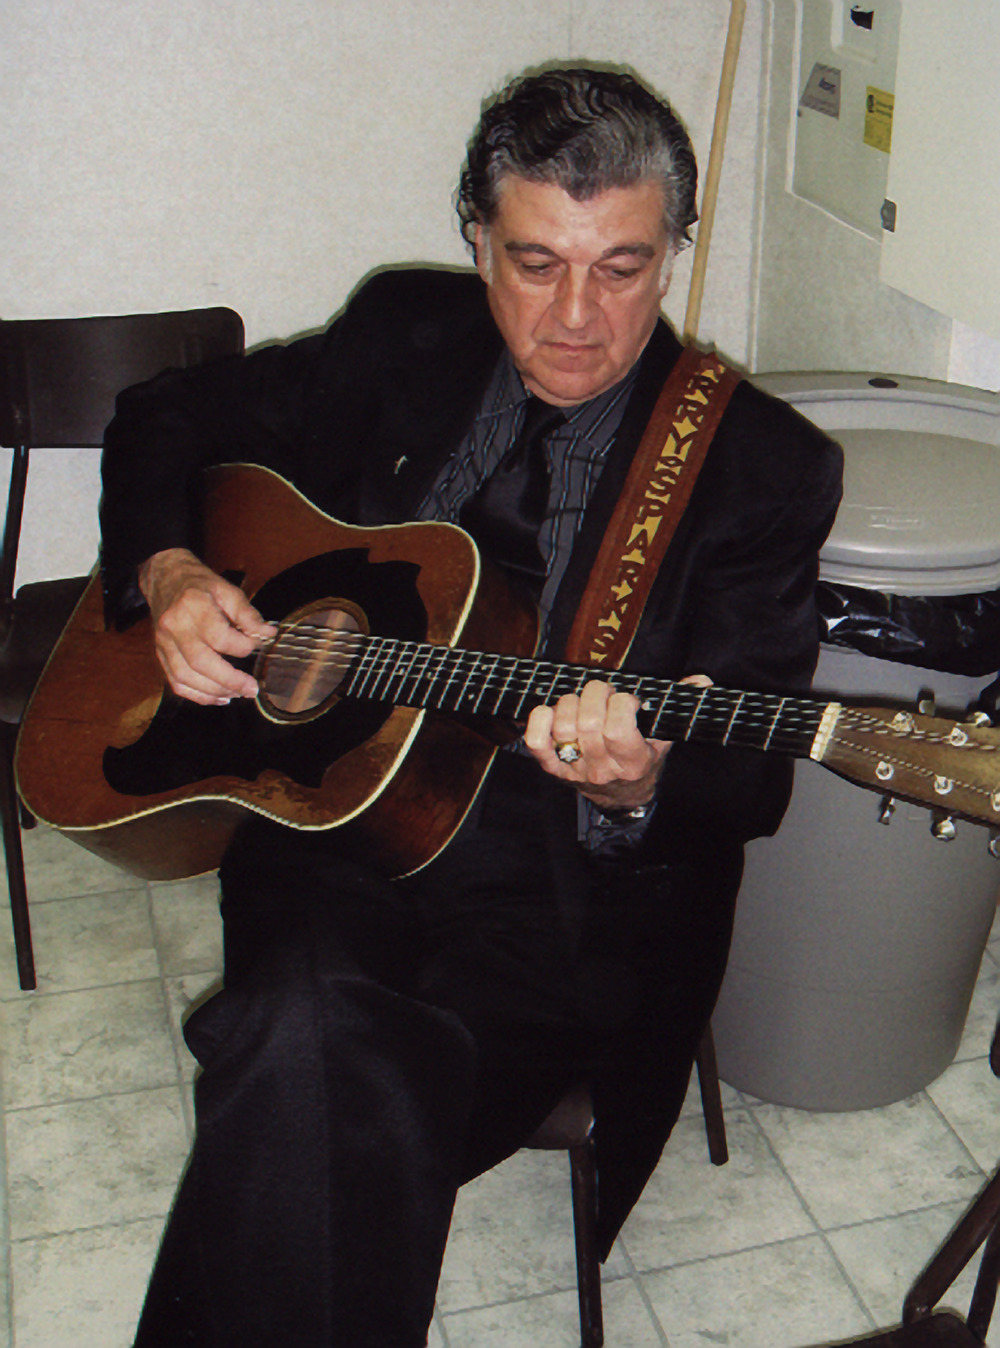 2007 - Larry Sparks